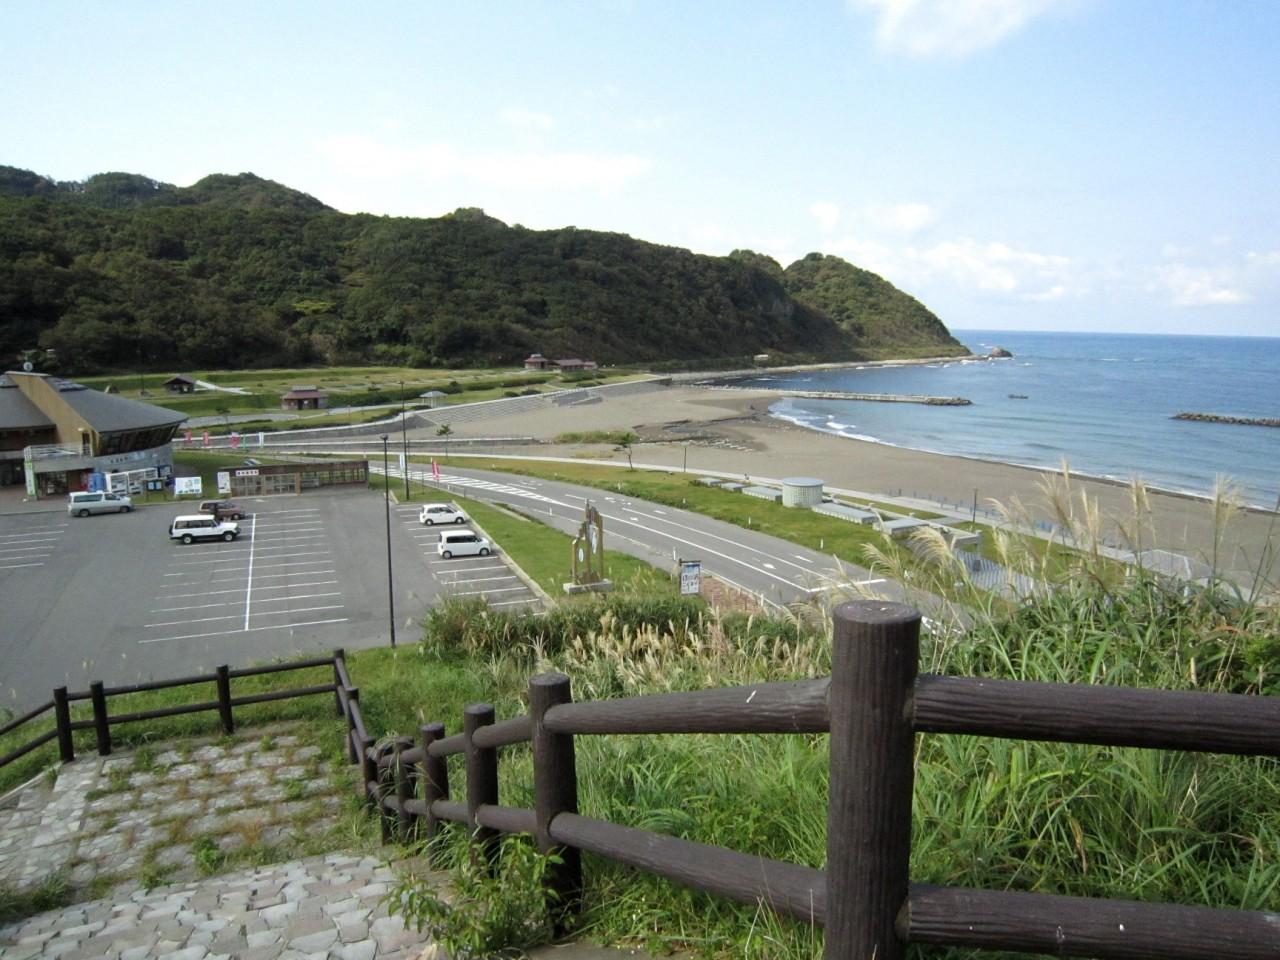 青森 津軽 小泊 道の駅 晴れ マリントピア 海